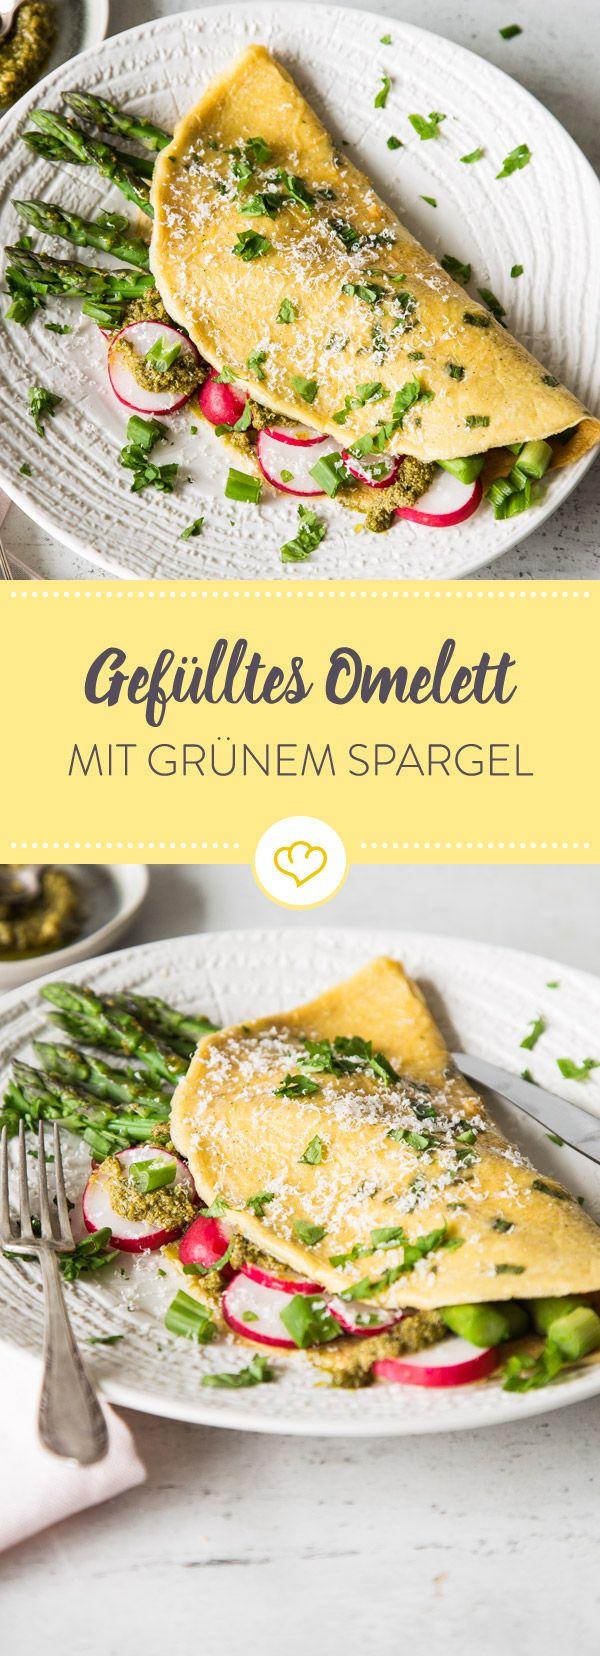 Ein Omelett im frühlingshaften Gewand: Bunt gefüllt mit grünem Spargel, knackigen Radieschen, Frühlingszwiebeln und einer ordentlichen Portion Pesto.